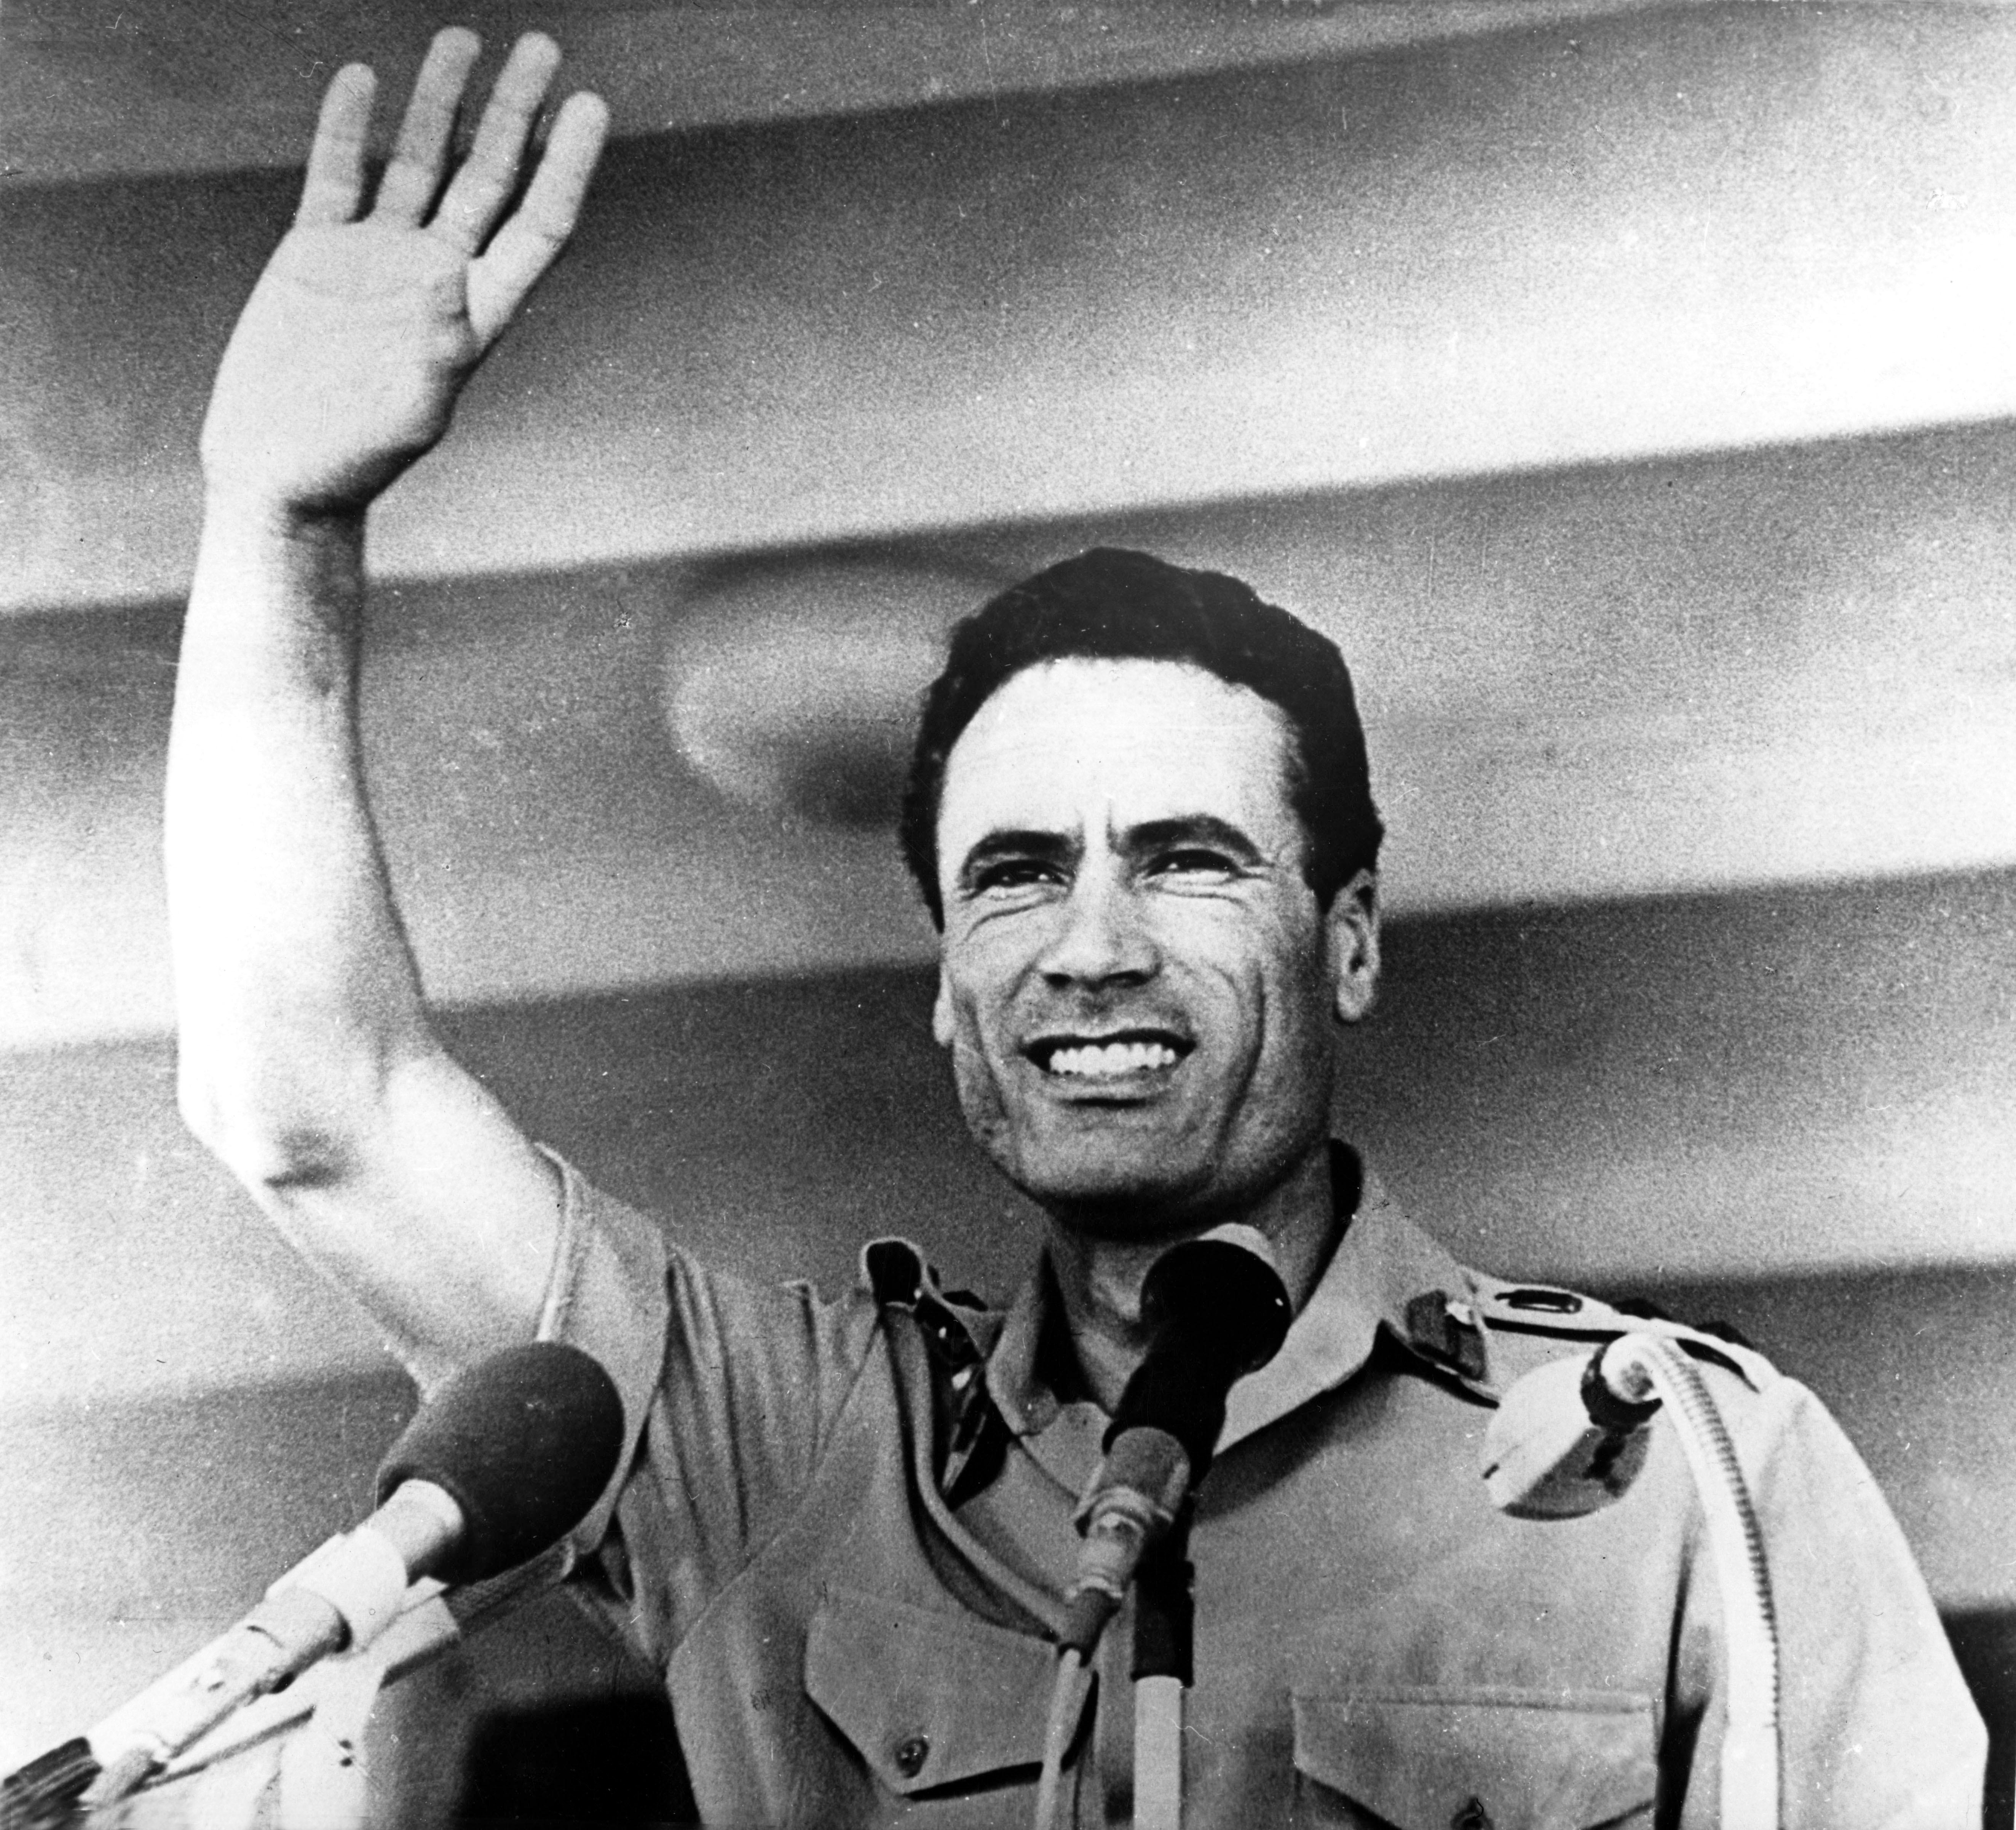 Una foto scattata al colonnello Muammar Gheddafi, scattata il 14 luglio 1972 (LaPresse)